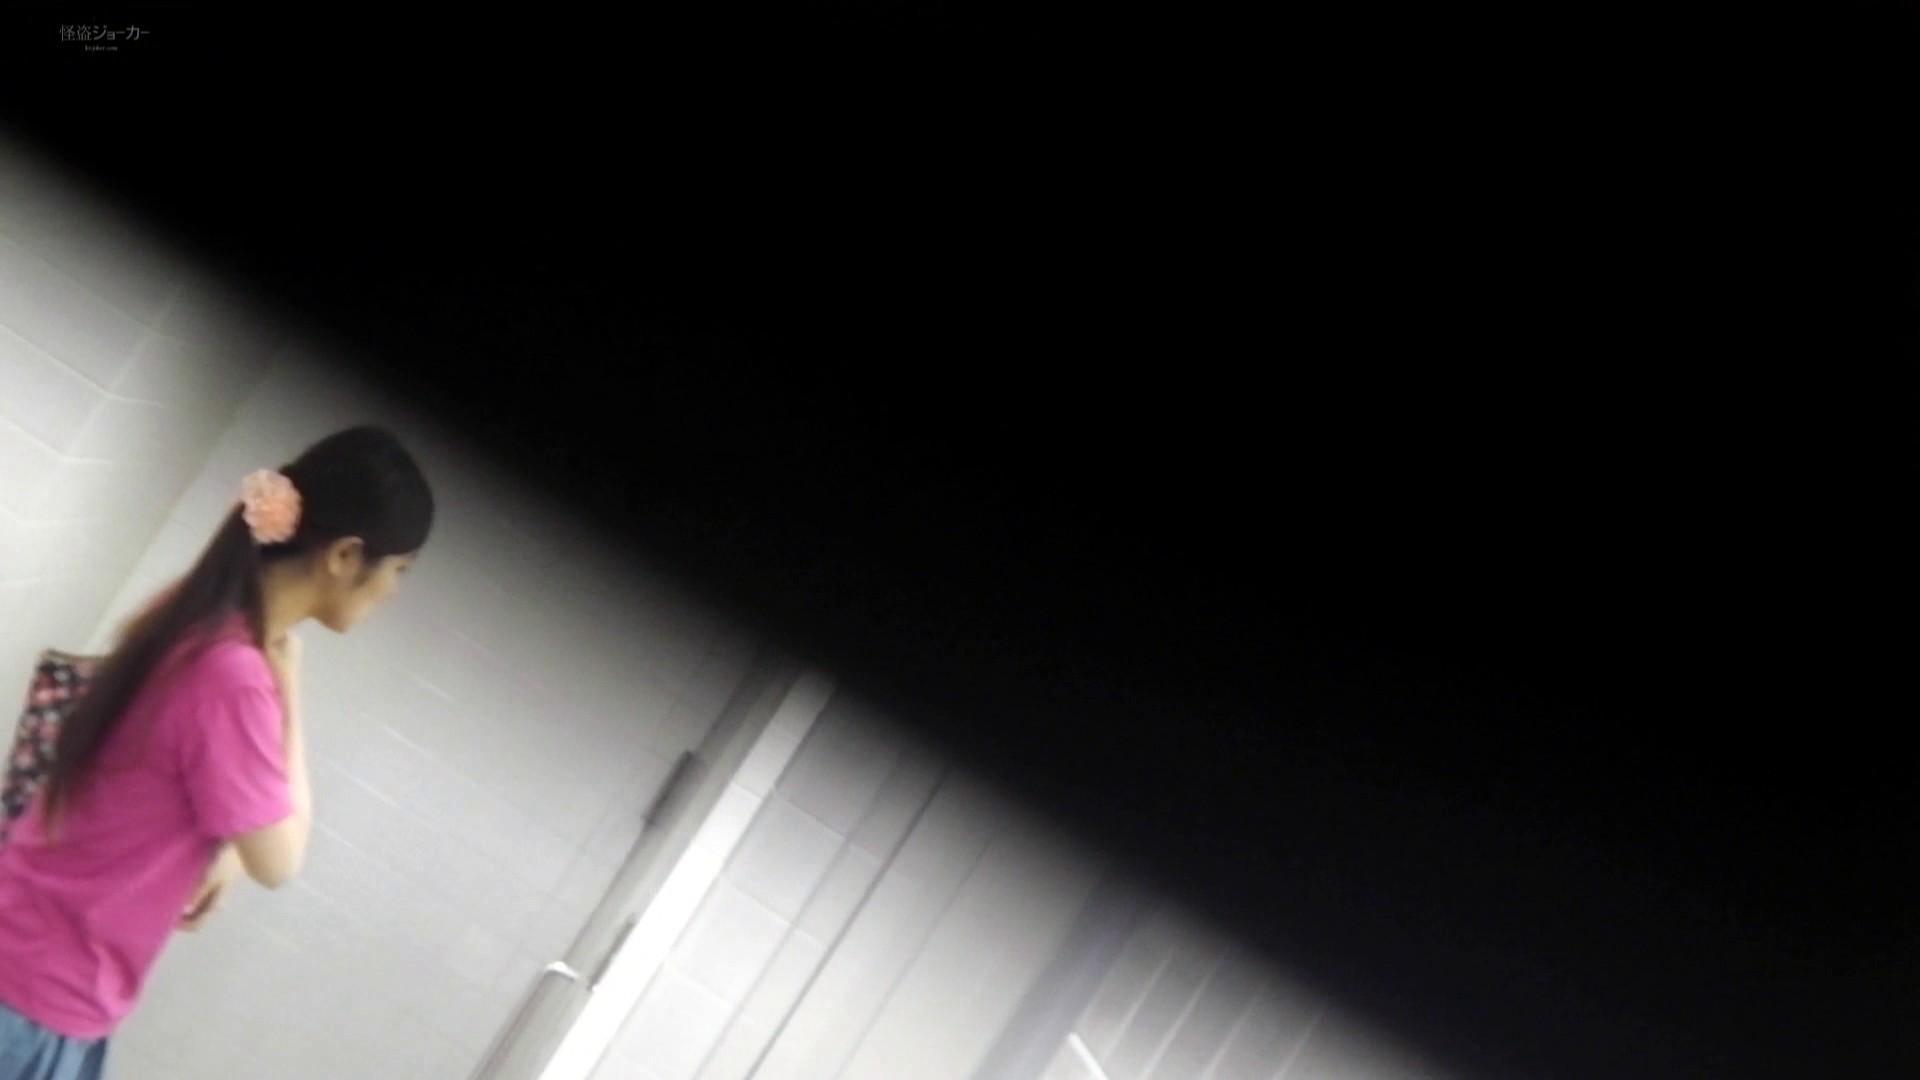 お銀 vol.68 無謀に通路に飛び出て一番明るいフロント撮り実現、見所満載 洗面所  93連発 16